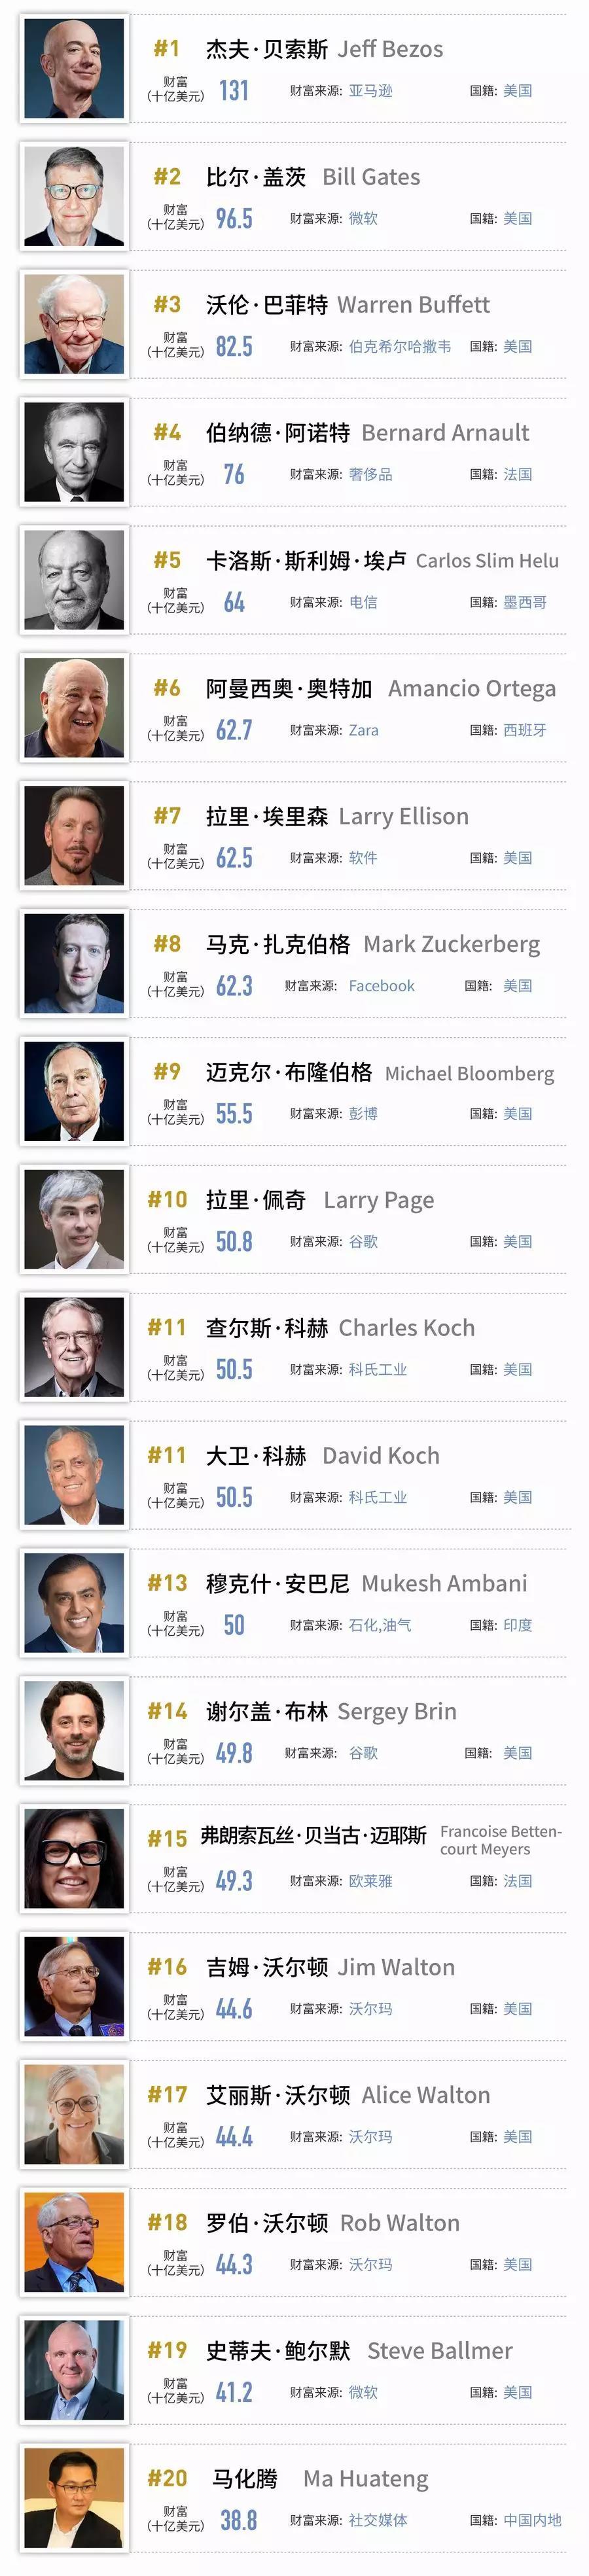 2019福布斯富豪榜:马云丢中国首富头衔,雷军刘强东王兴上榜